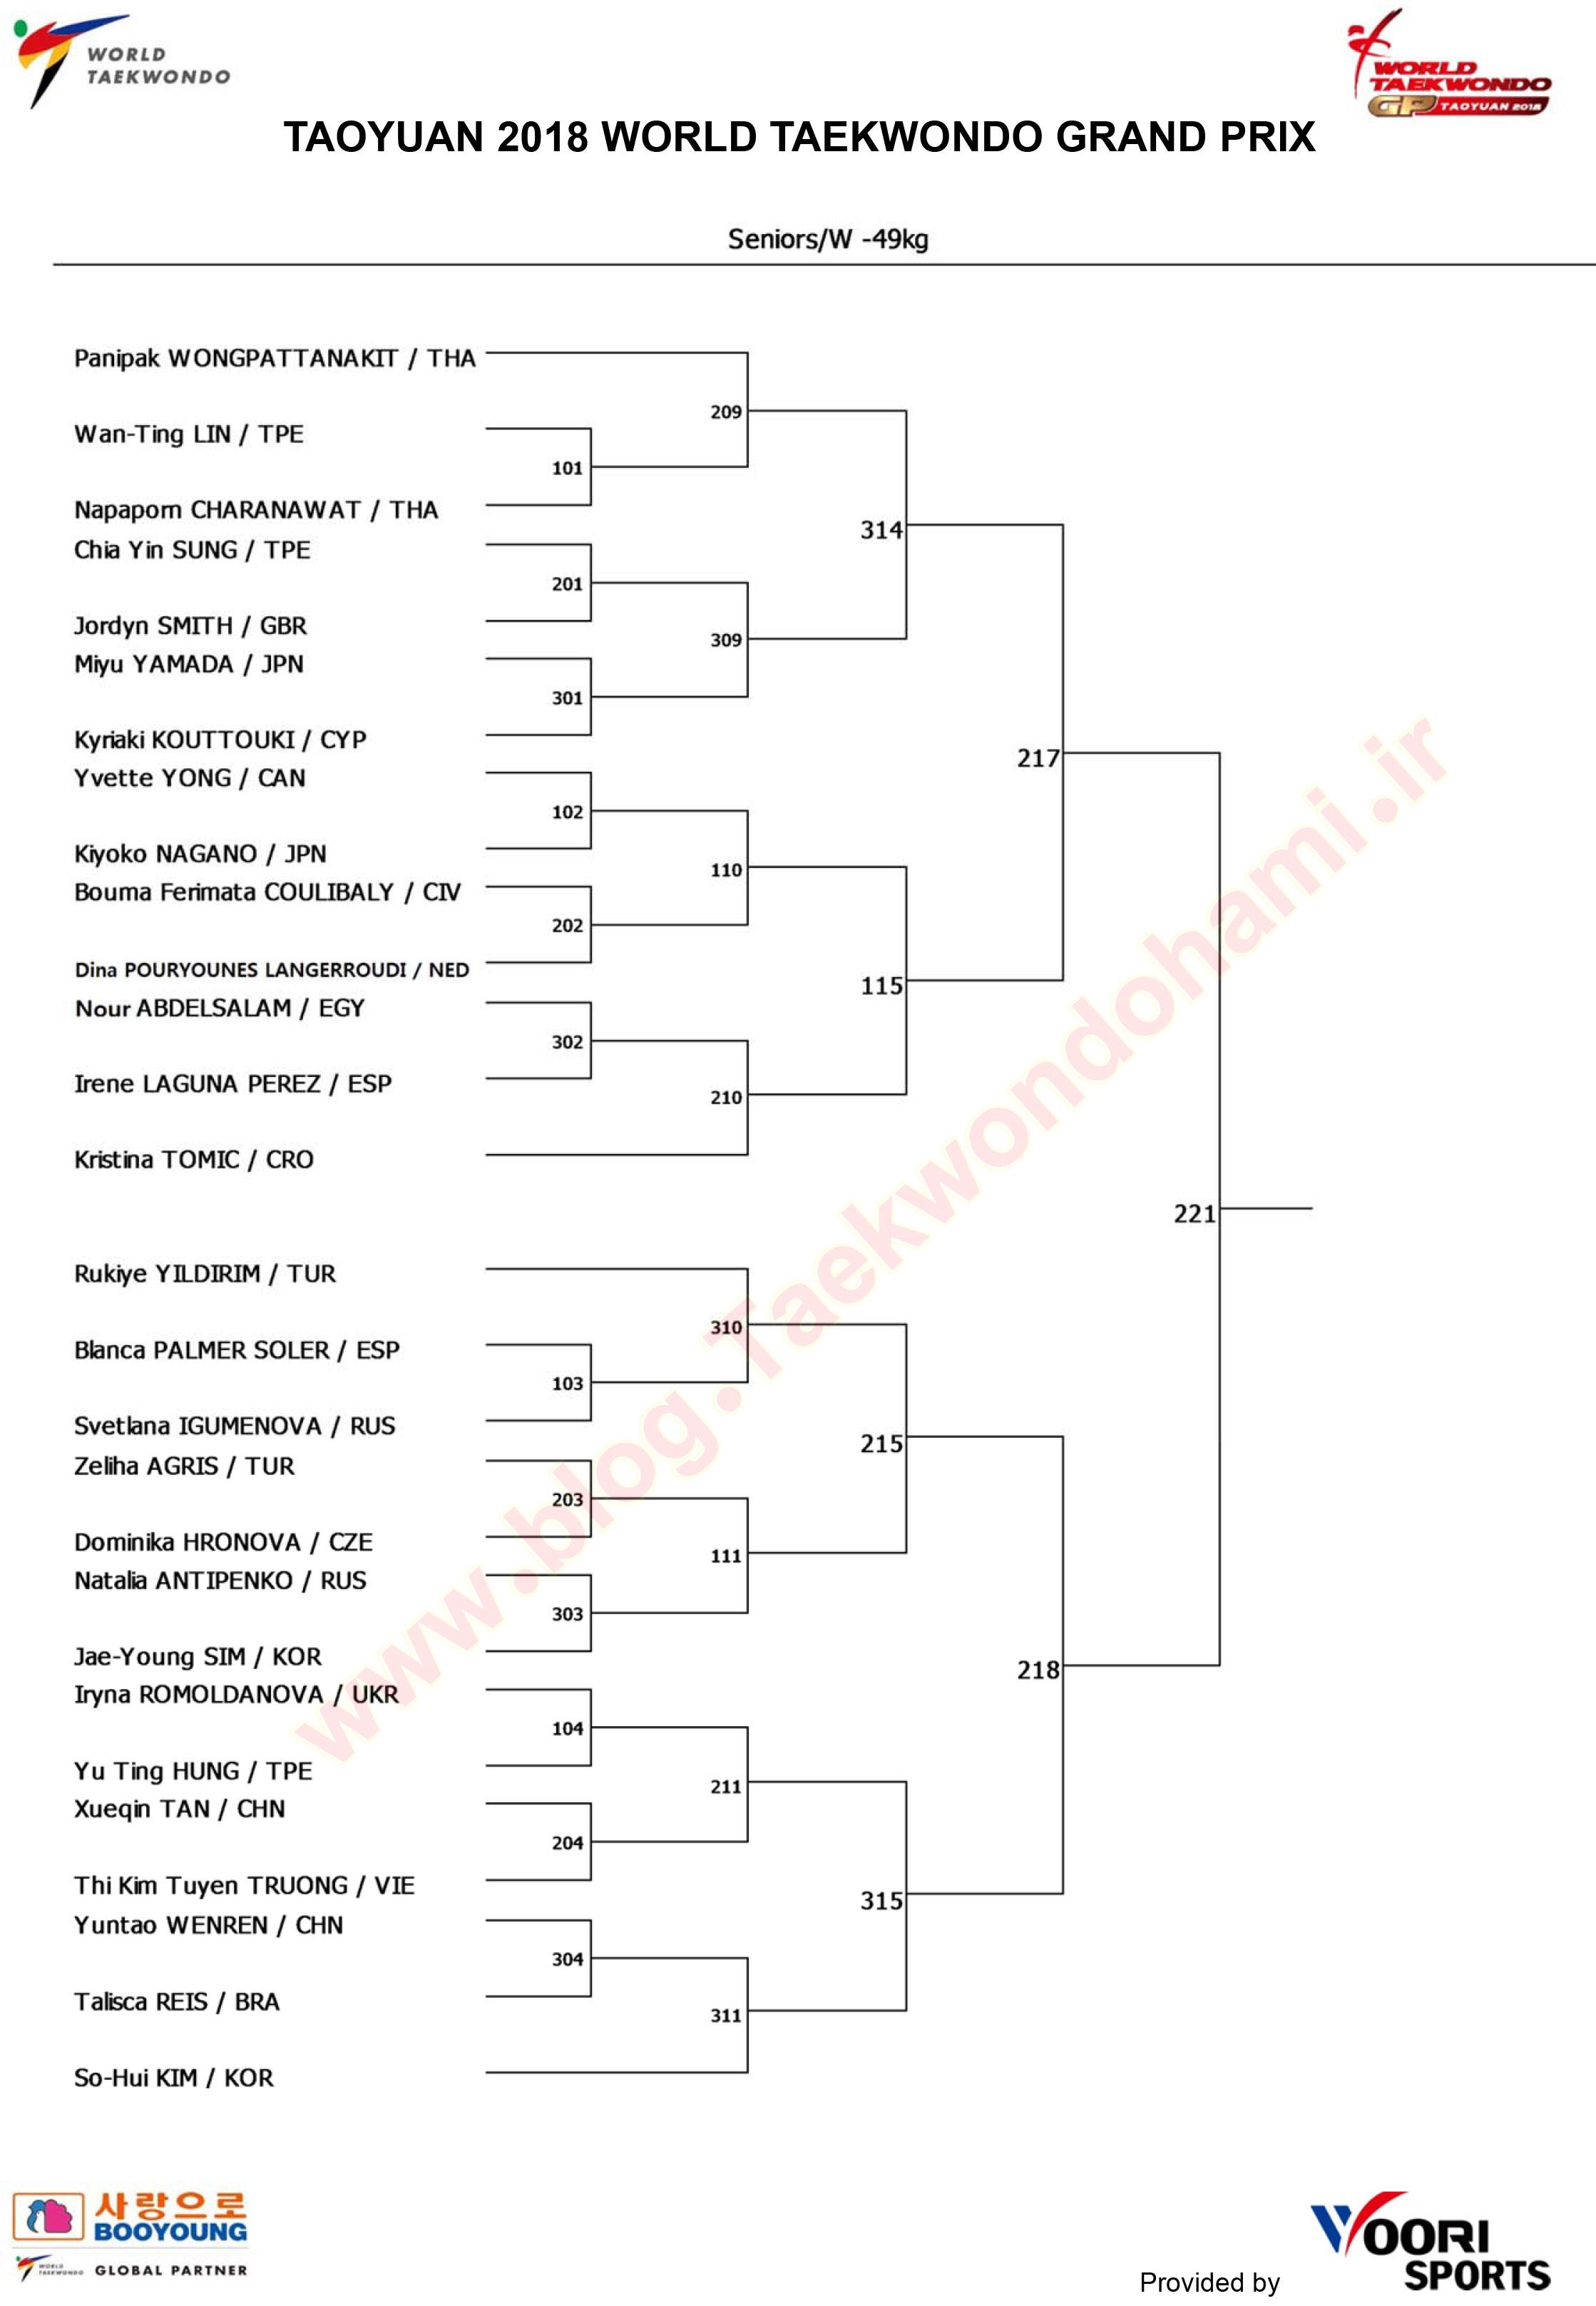 جدول رقابتهای وزن (49- کیلوگرم) بانوان / گرندپری ۲۰۱۸ چین تایپه